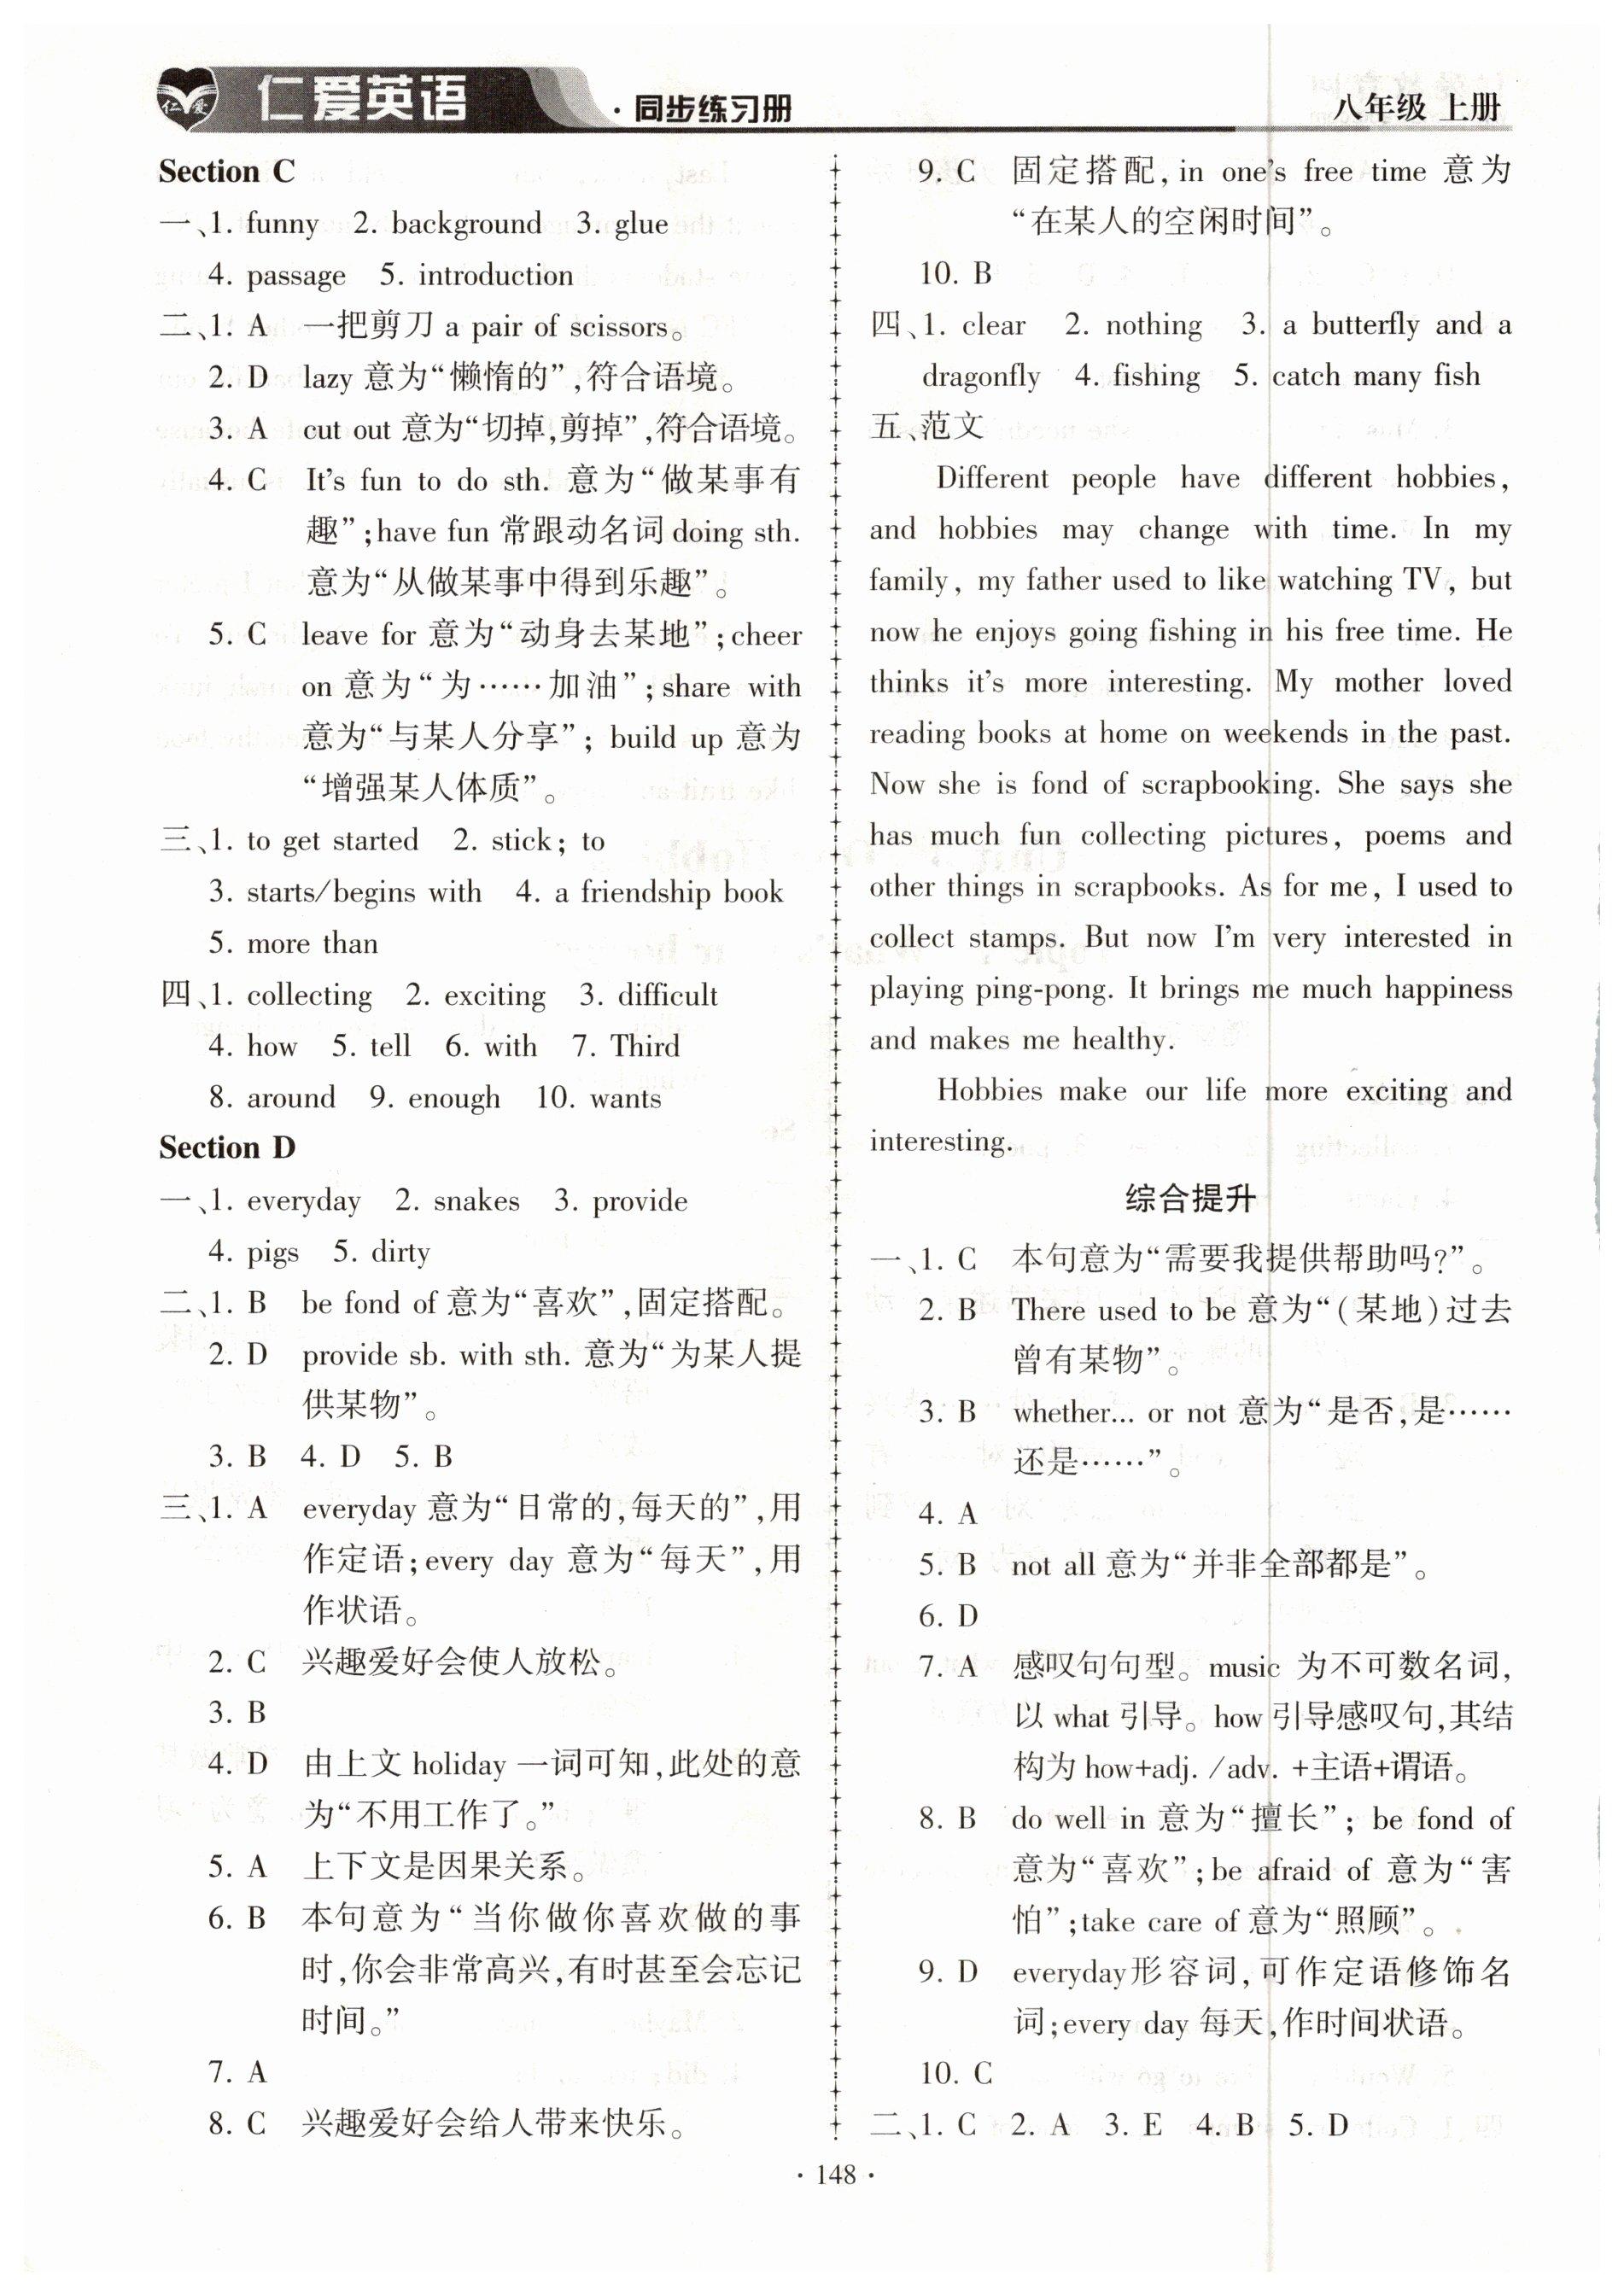 2018年仁爱英语同步练习册八年级上册仁爱版第18页